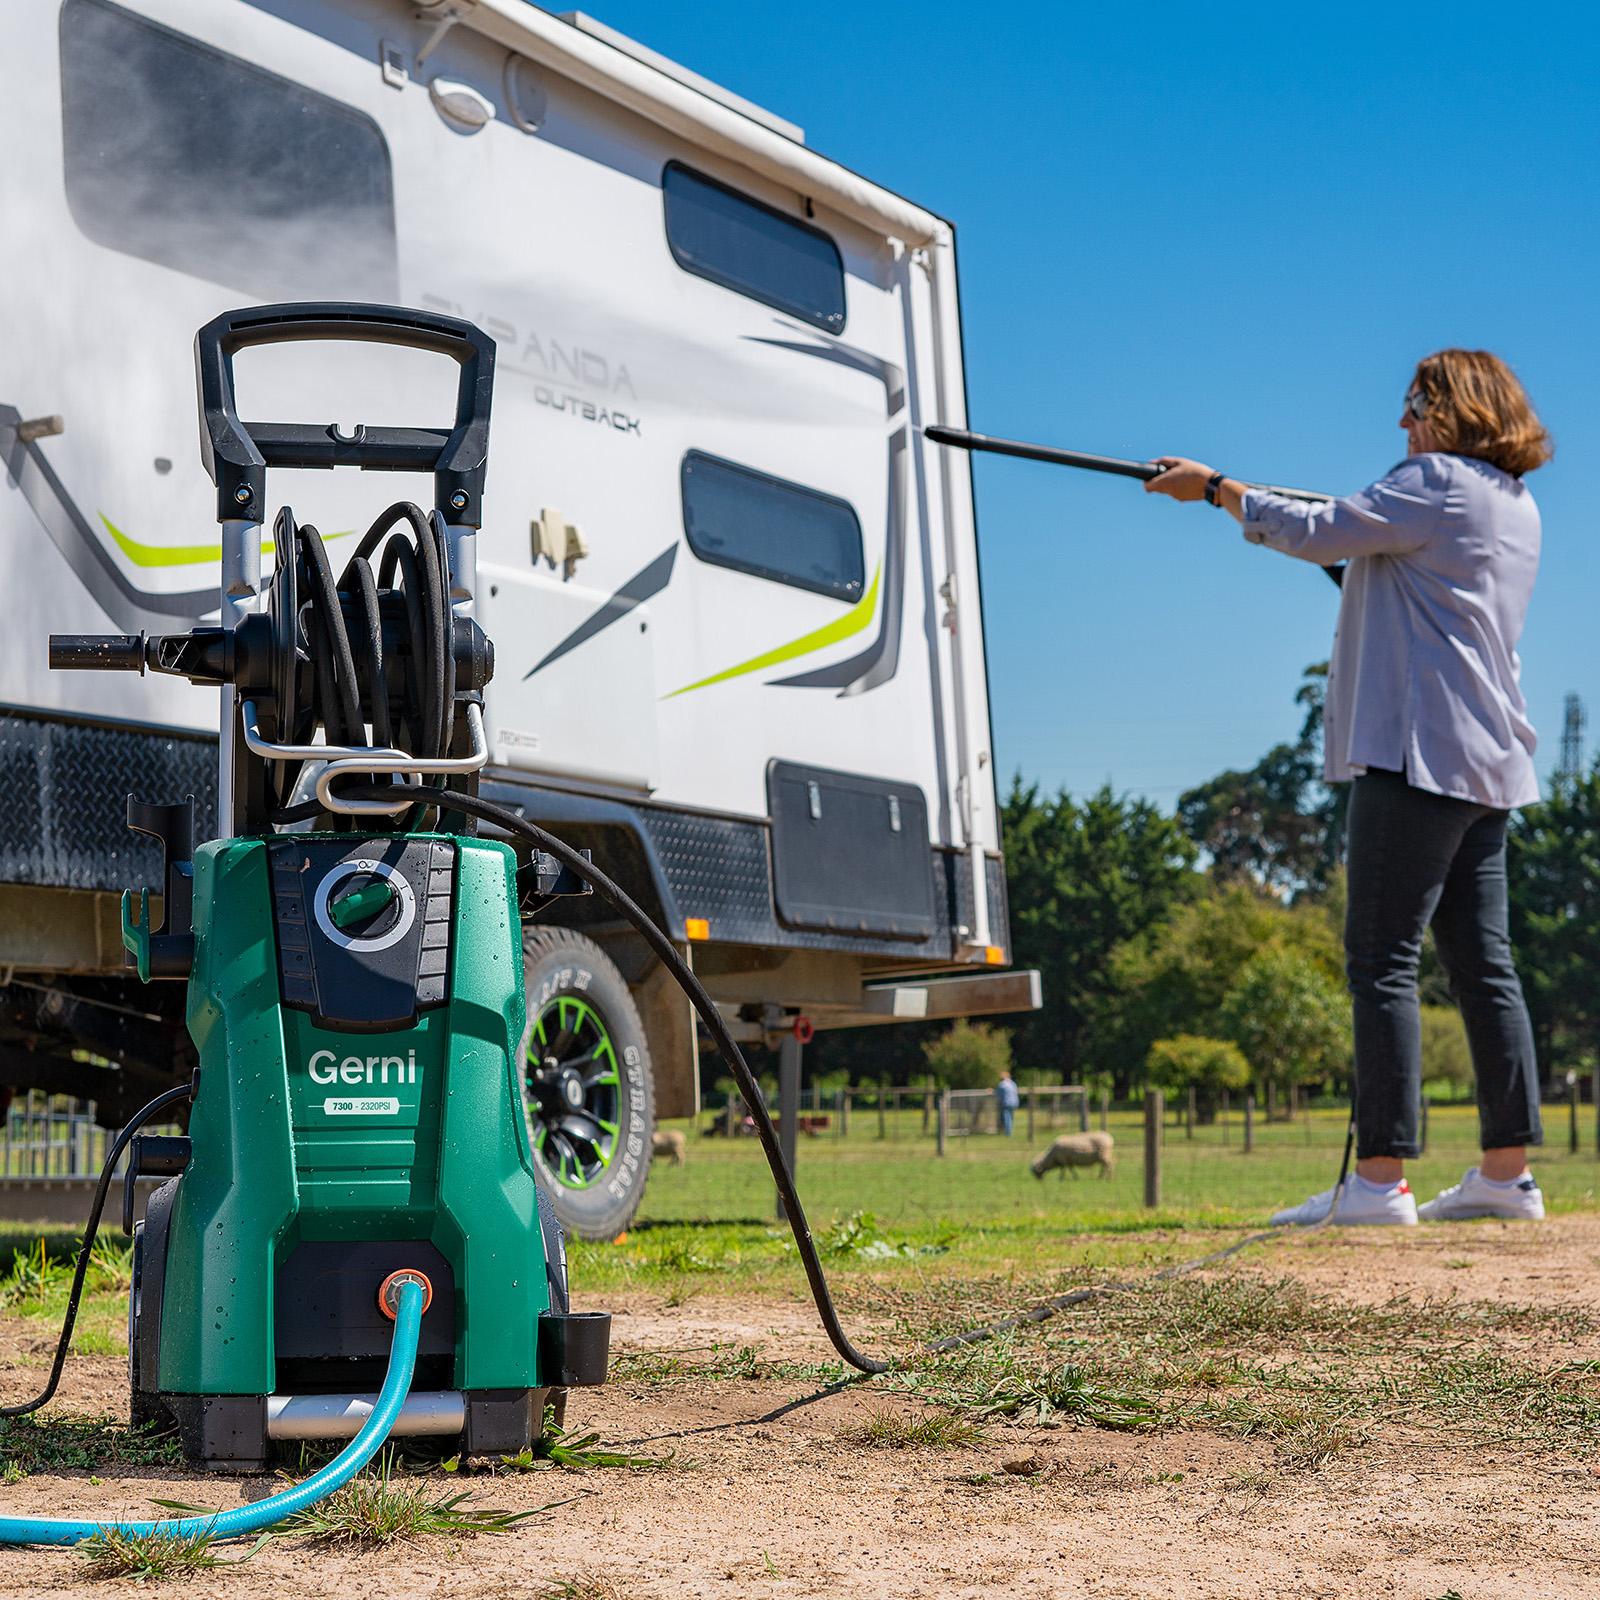 Gerni 7300 - Pressure Wash Caravan